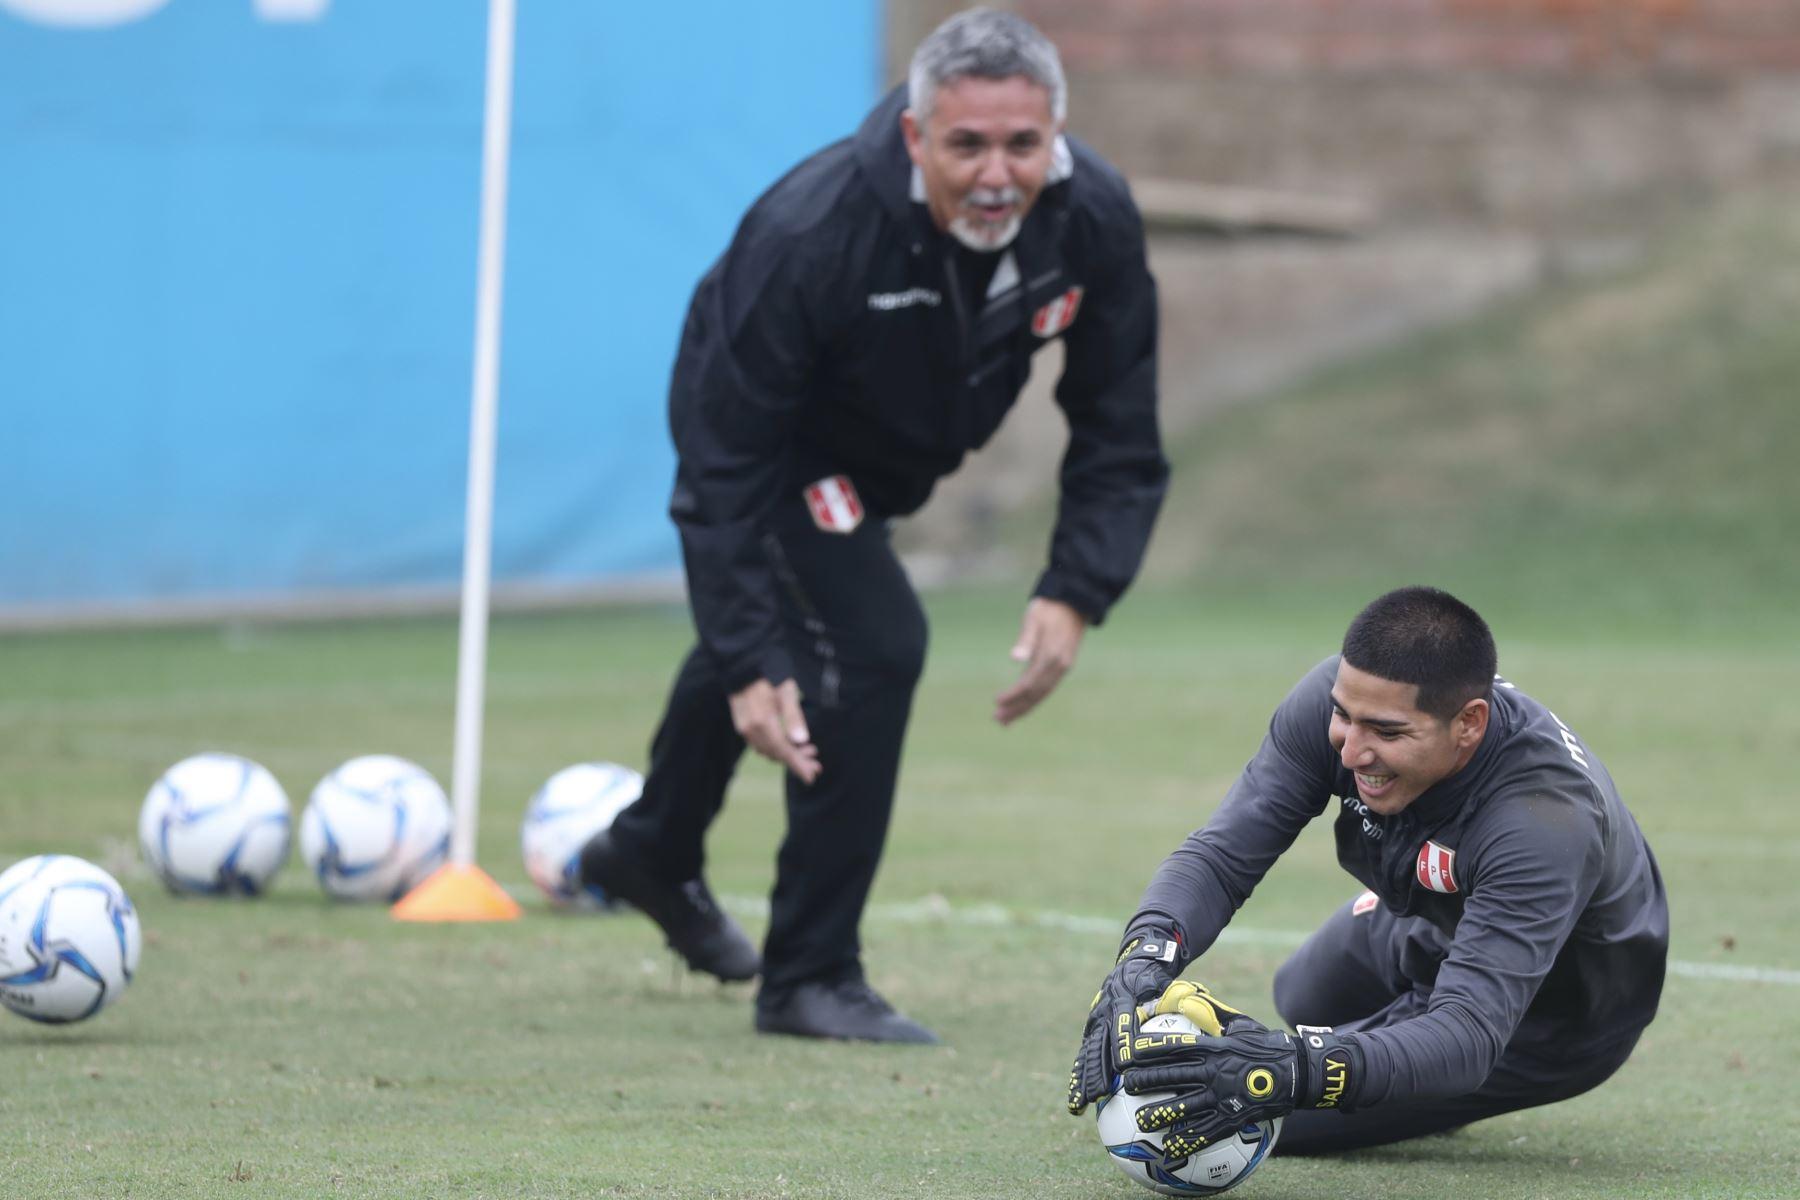 La selección peruana de futbol sub20 entrena para su debut en los Juegos Panamericanos Lima 2019. Foto: ANDINA/Difusión FPF